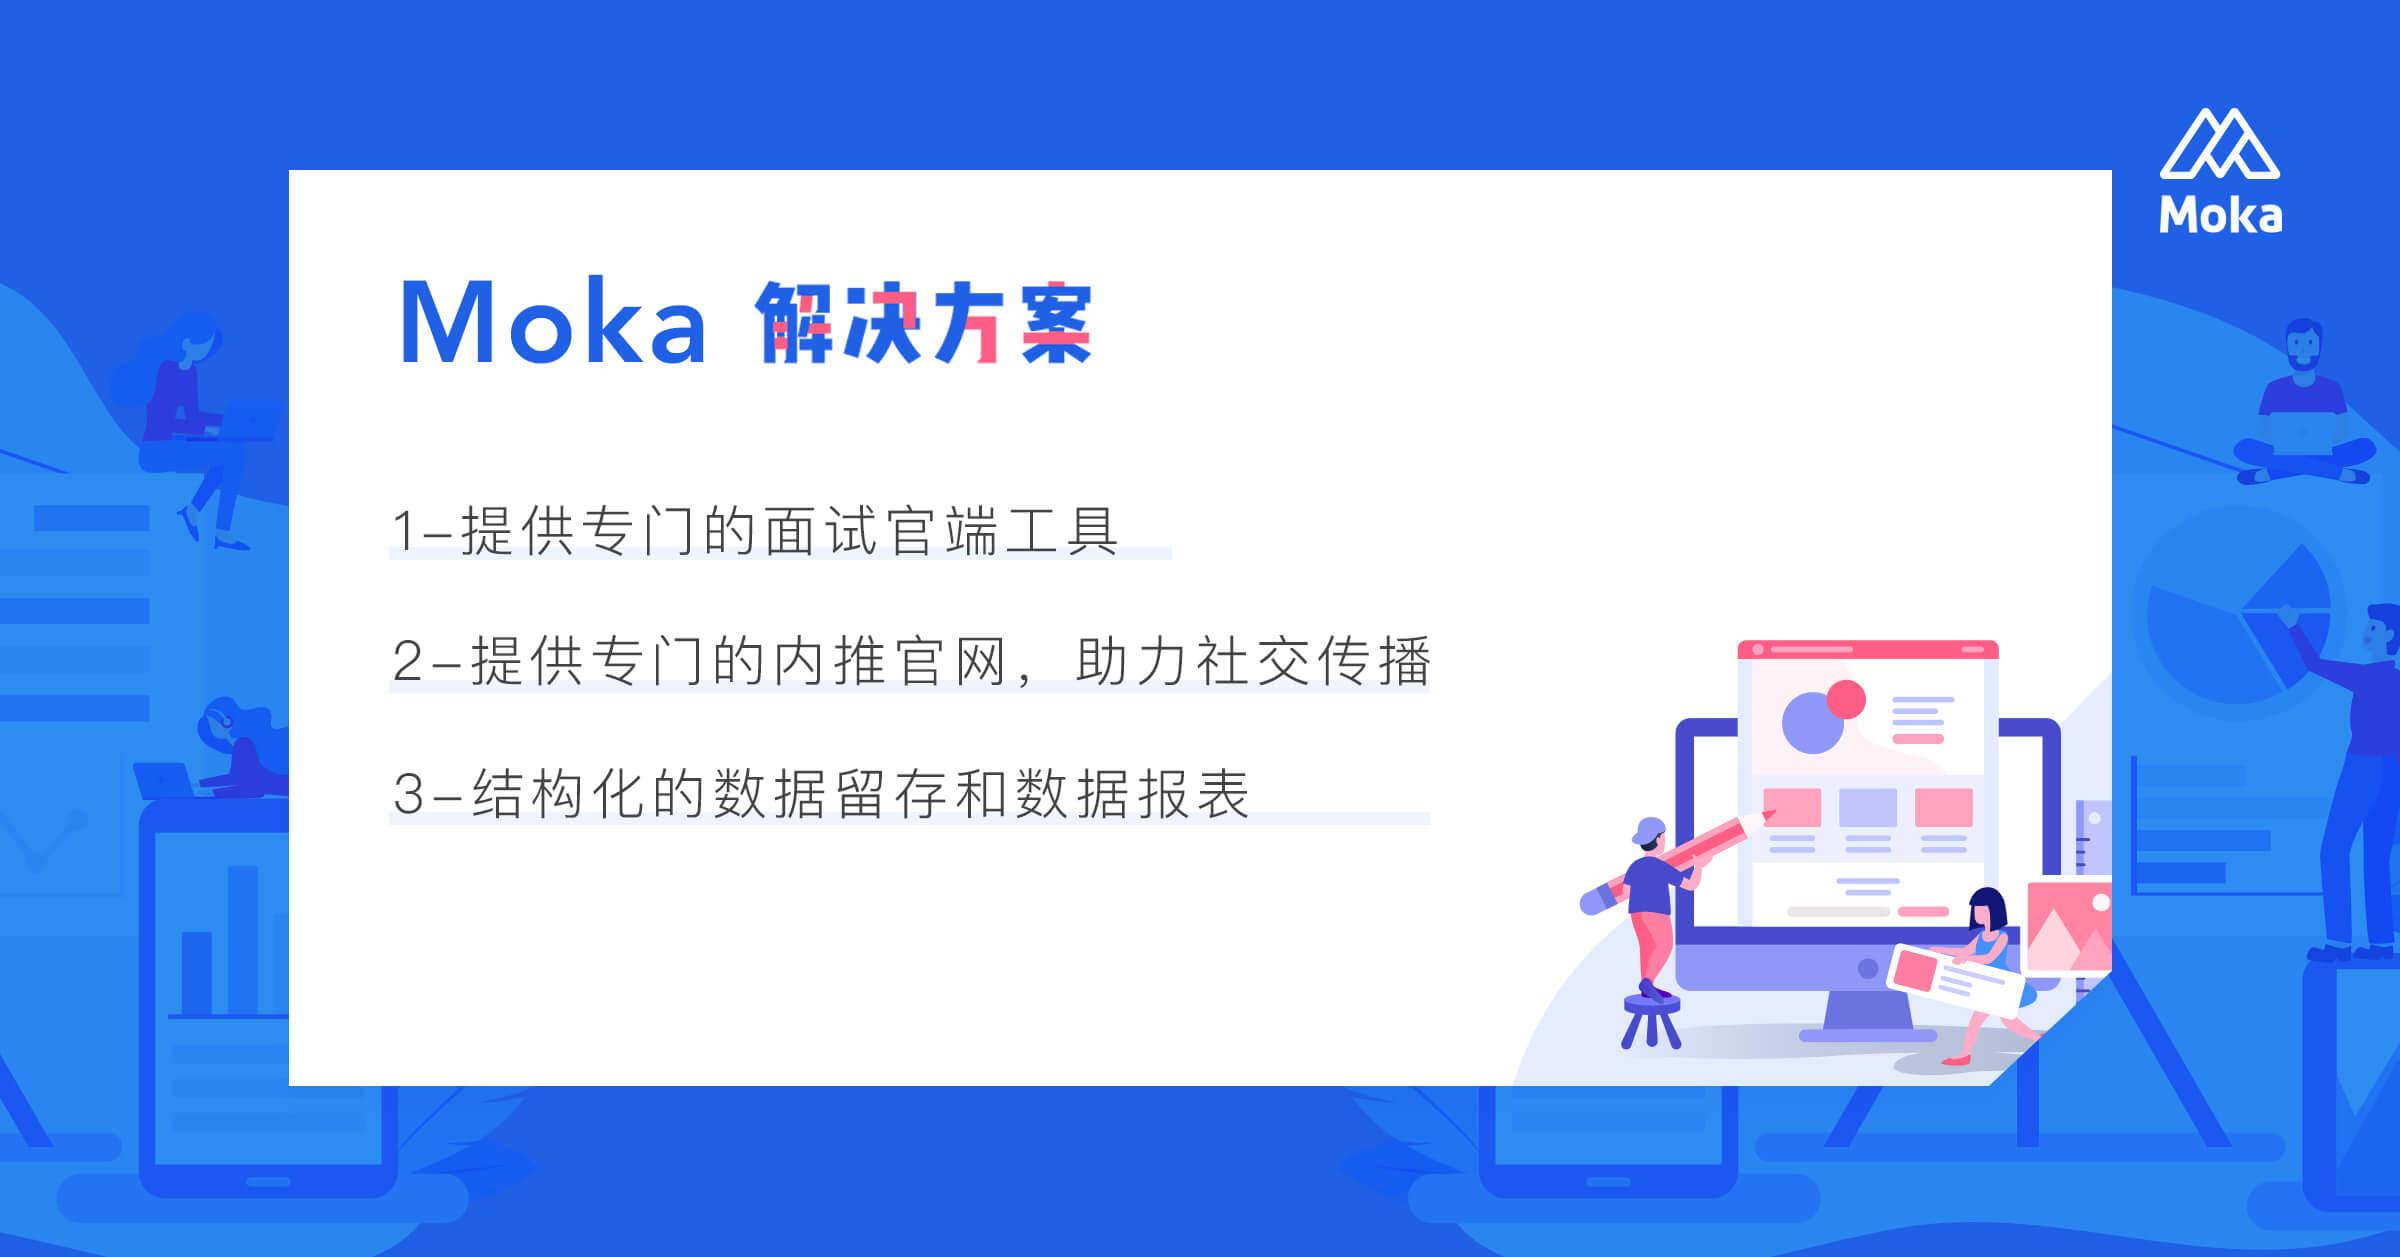 「宜人贷」招聘解决方案——协作提升效率-Moka智能化招聘系统